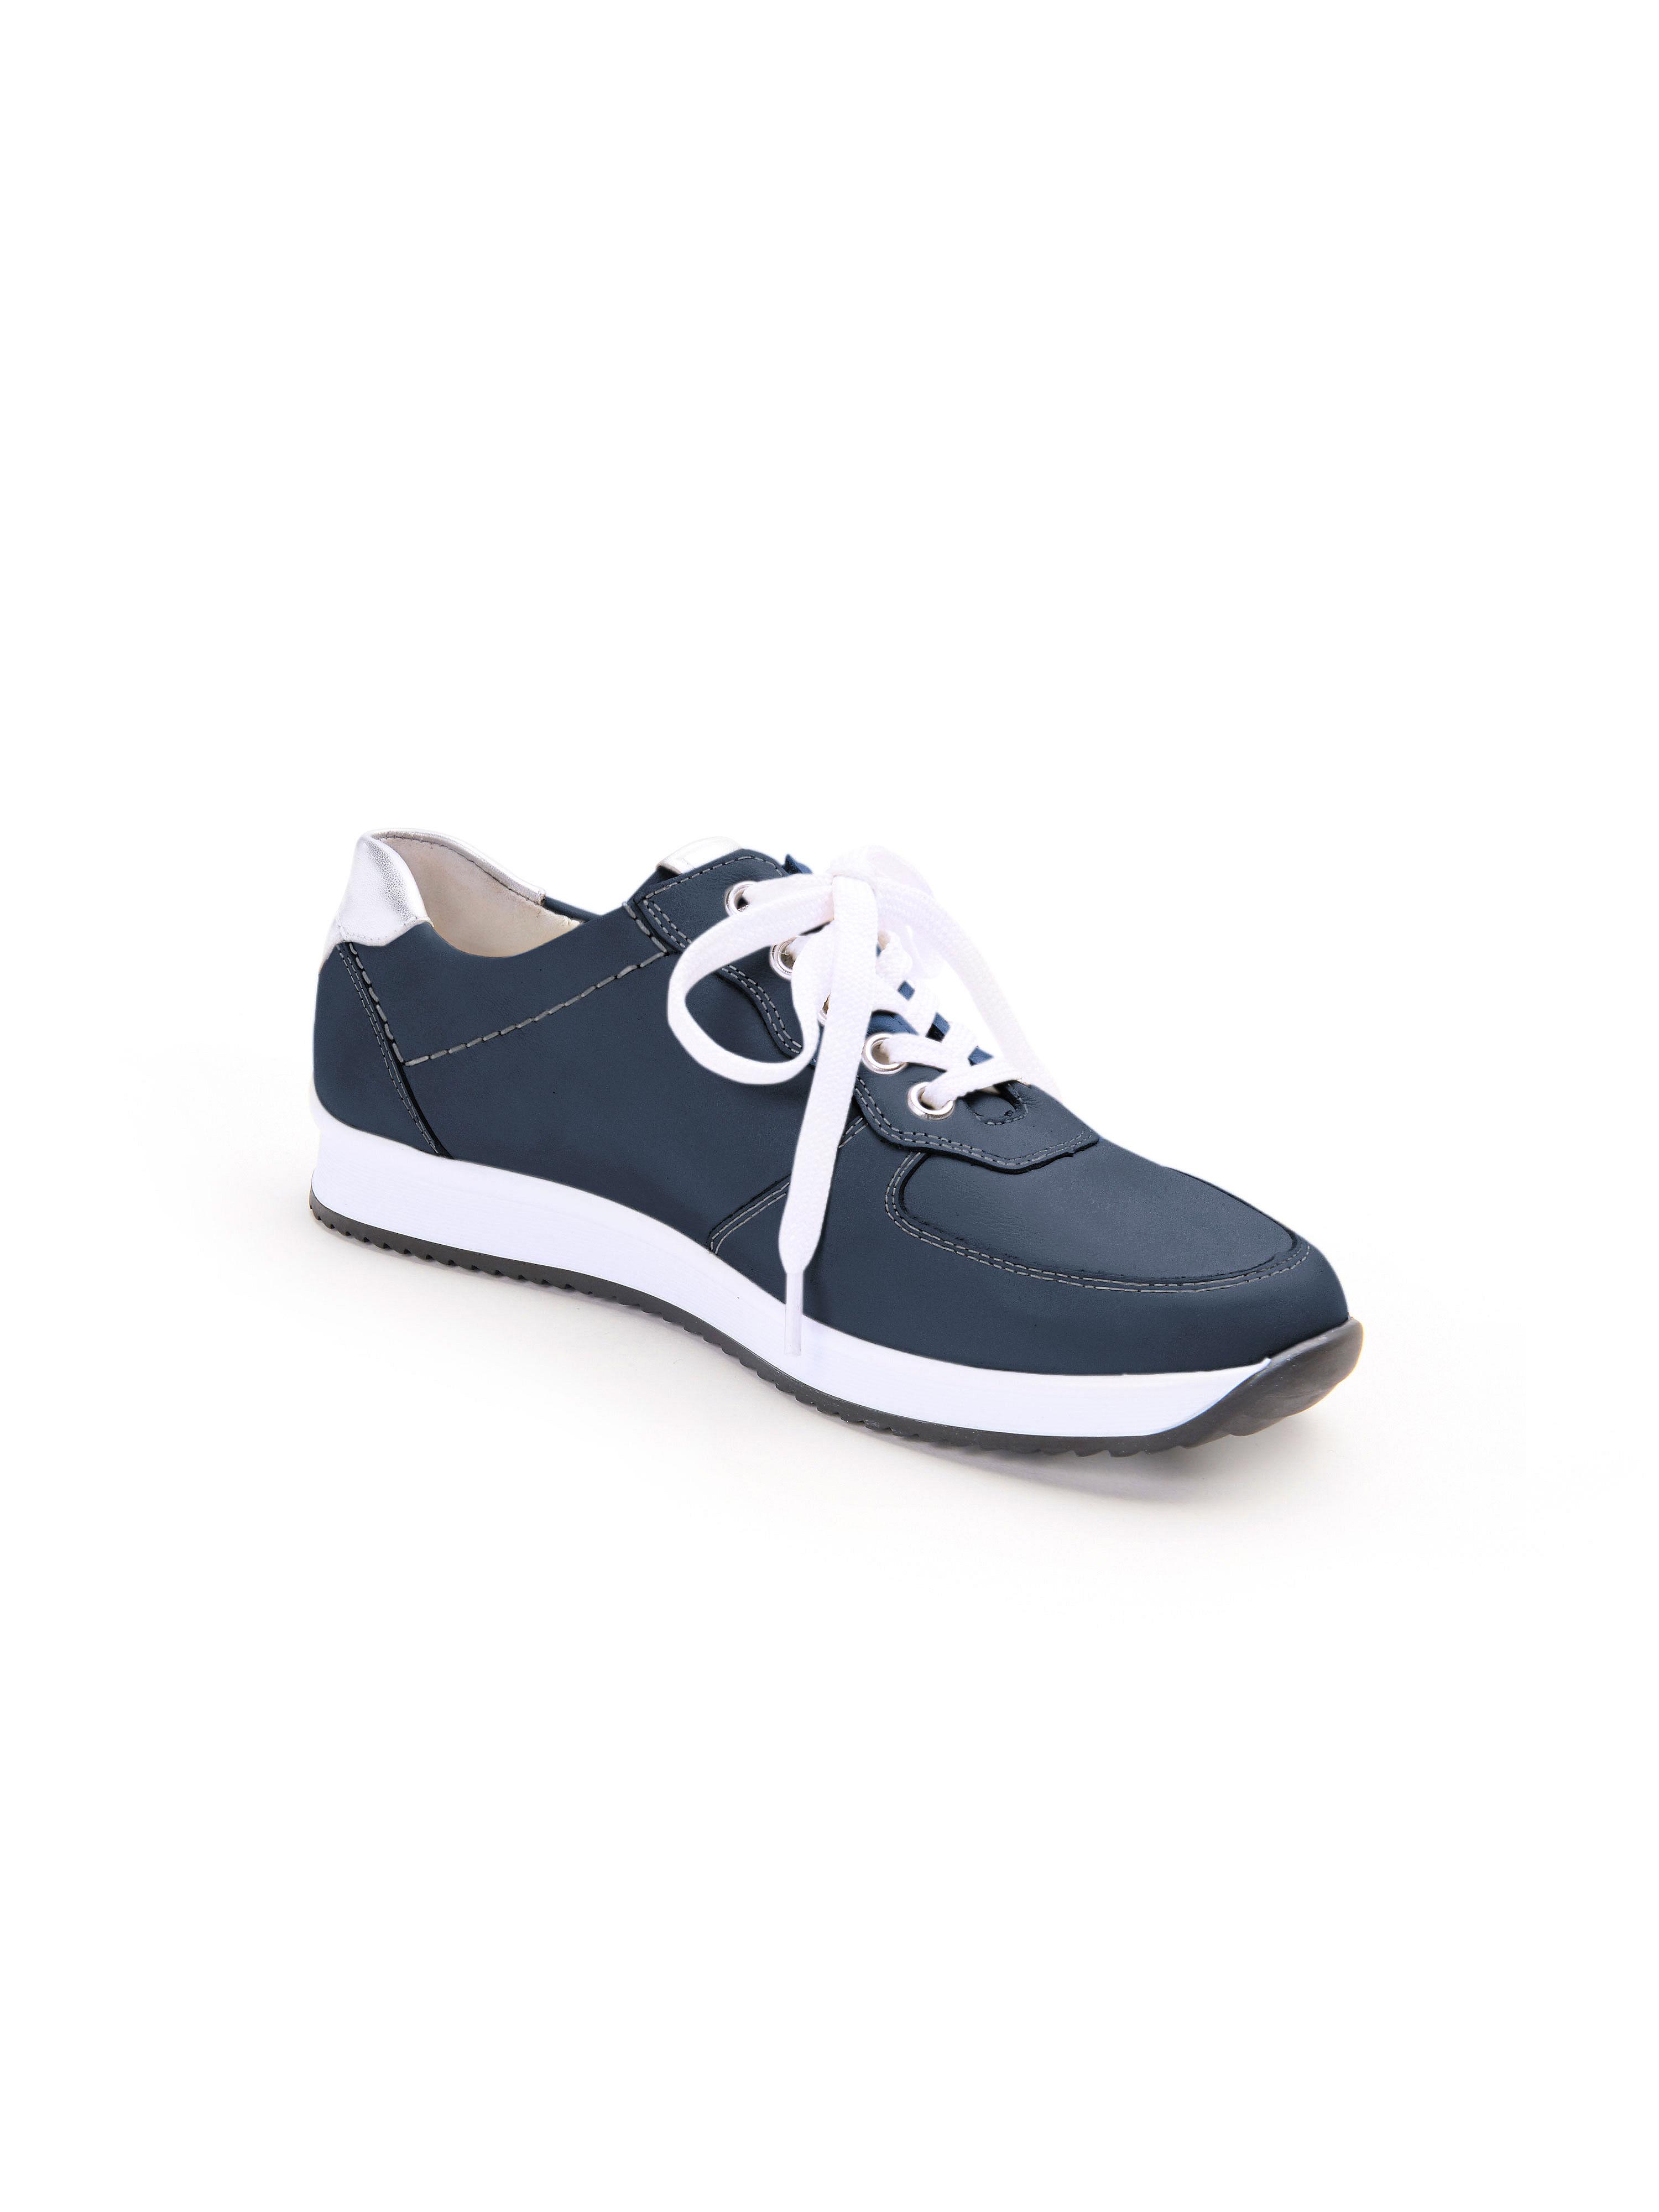 Waldläufer - Schnürer HAYDEN - Blau Gute Qualität beliebte Schuhe